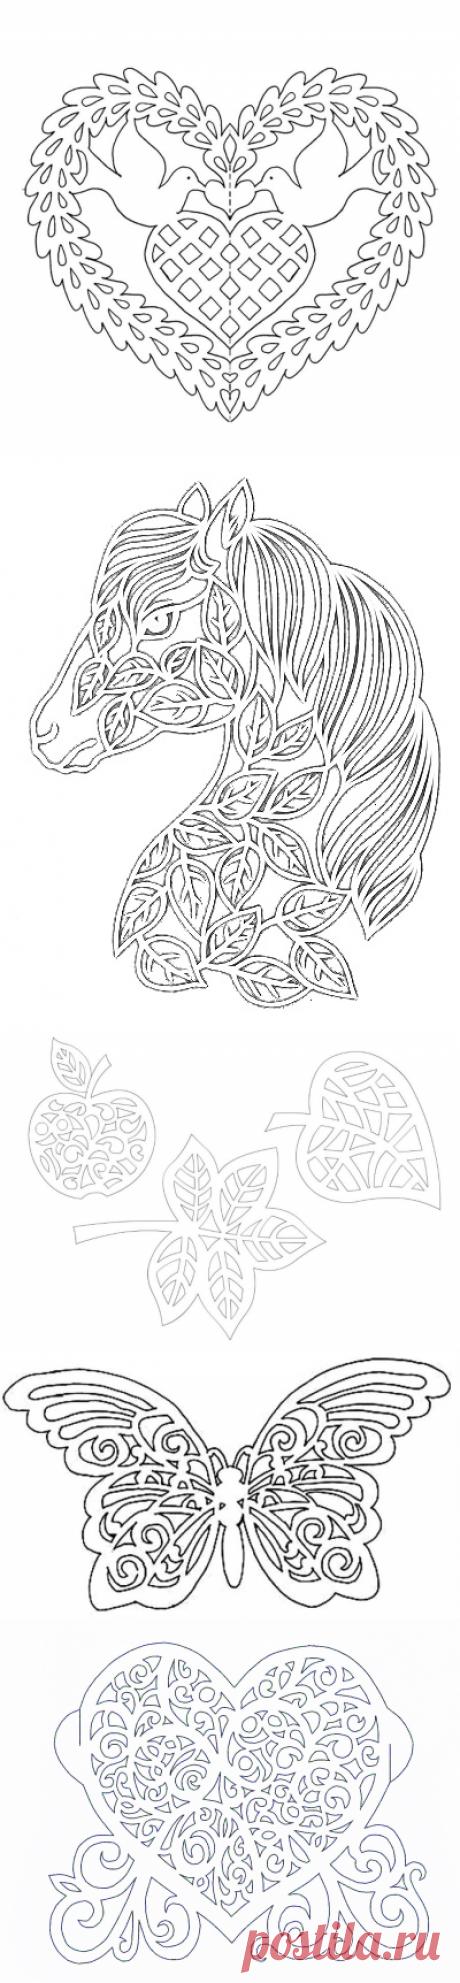 Ажурное вырезание из бумаги: шаблоны для вырезания — Сделай сам, идеи для творчества - DIY Ideas